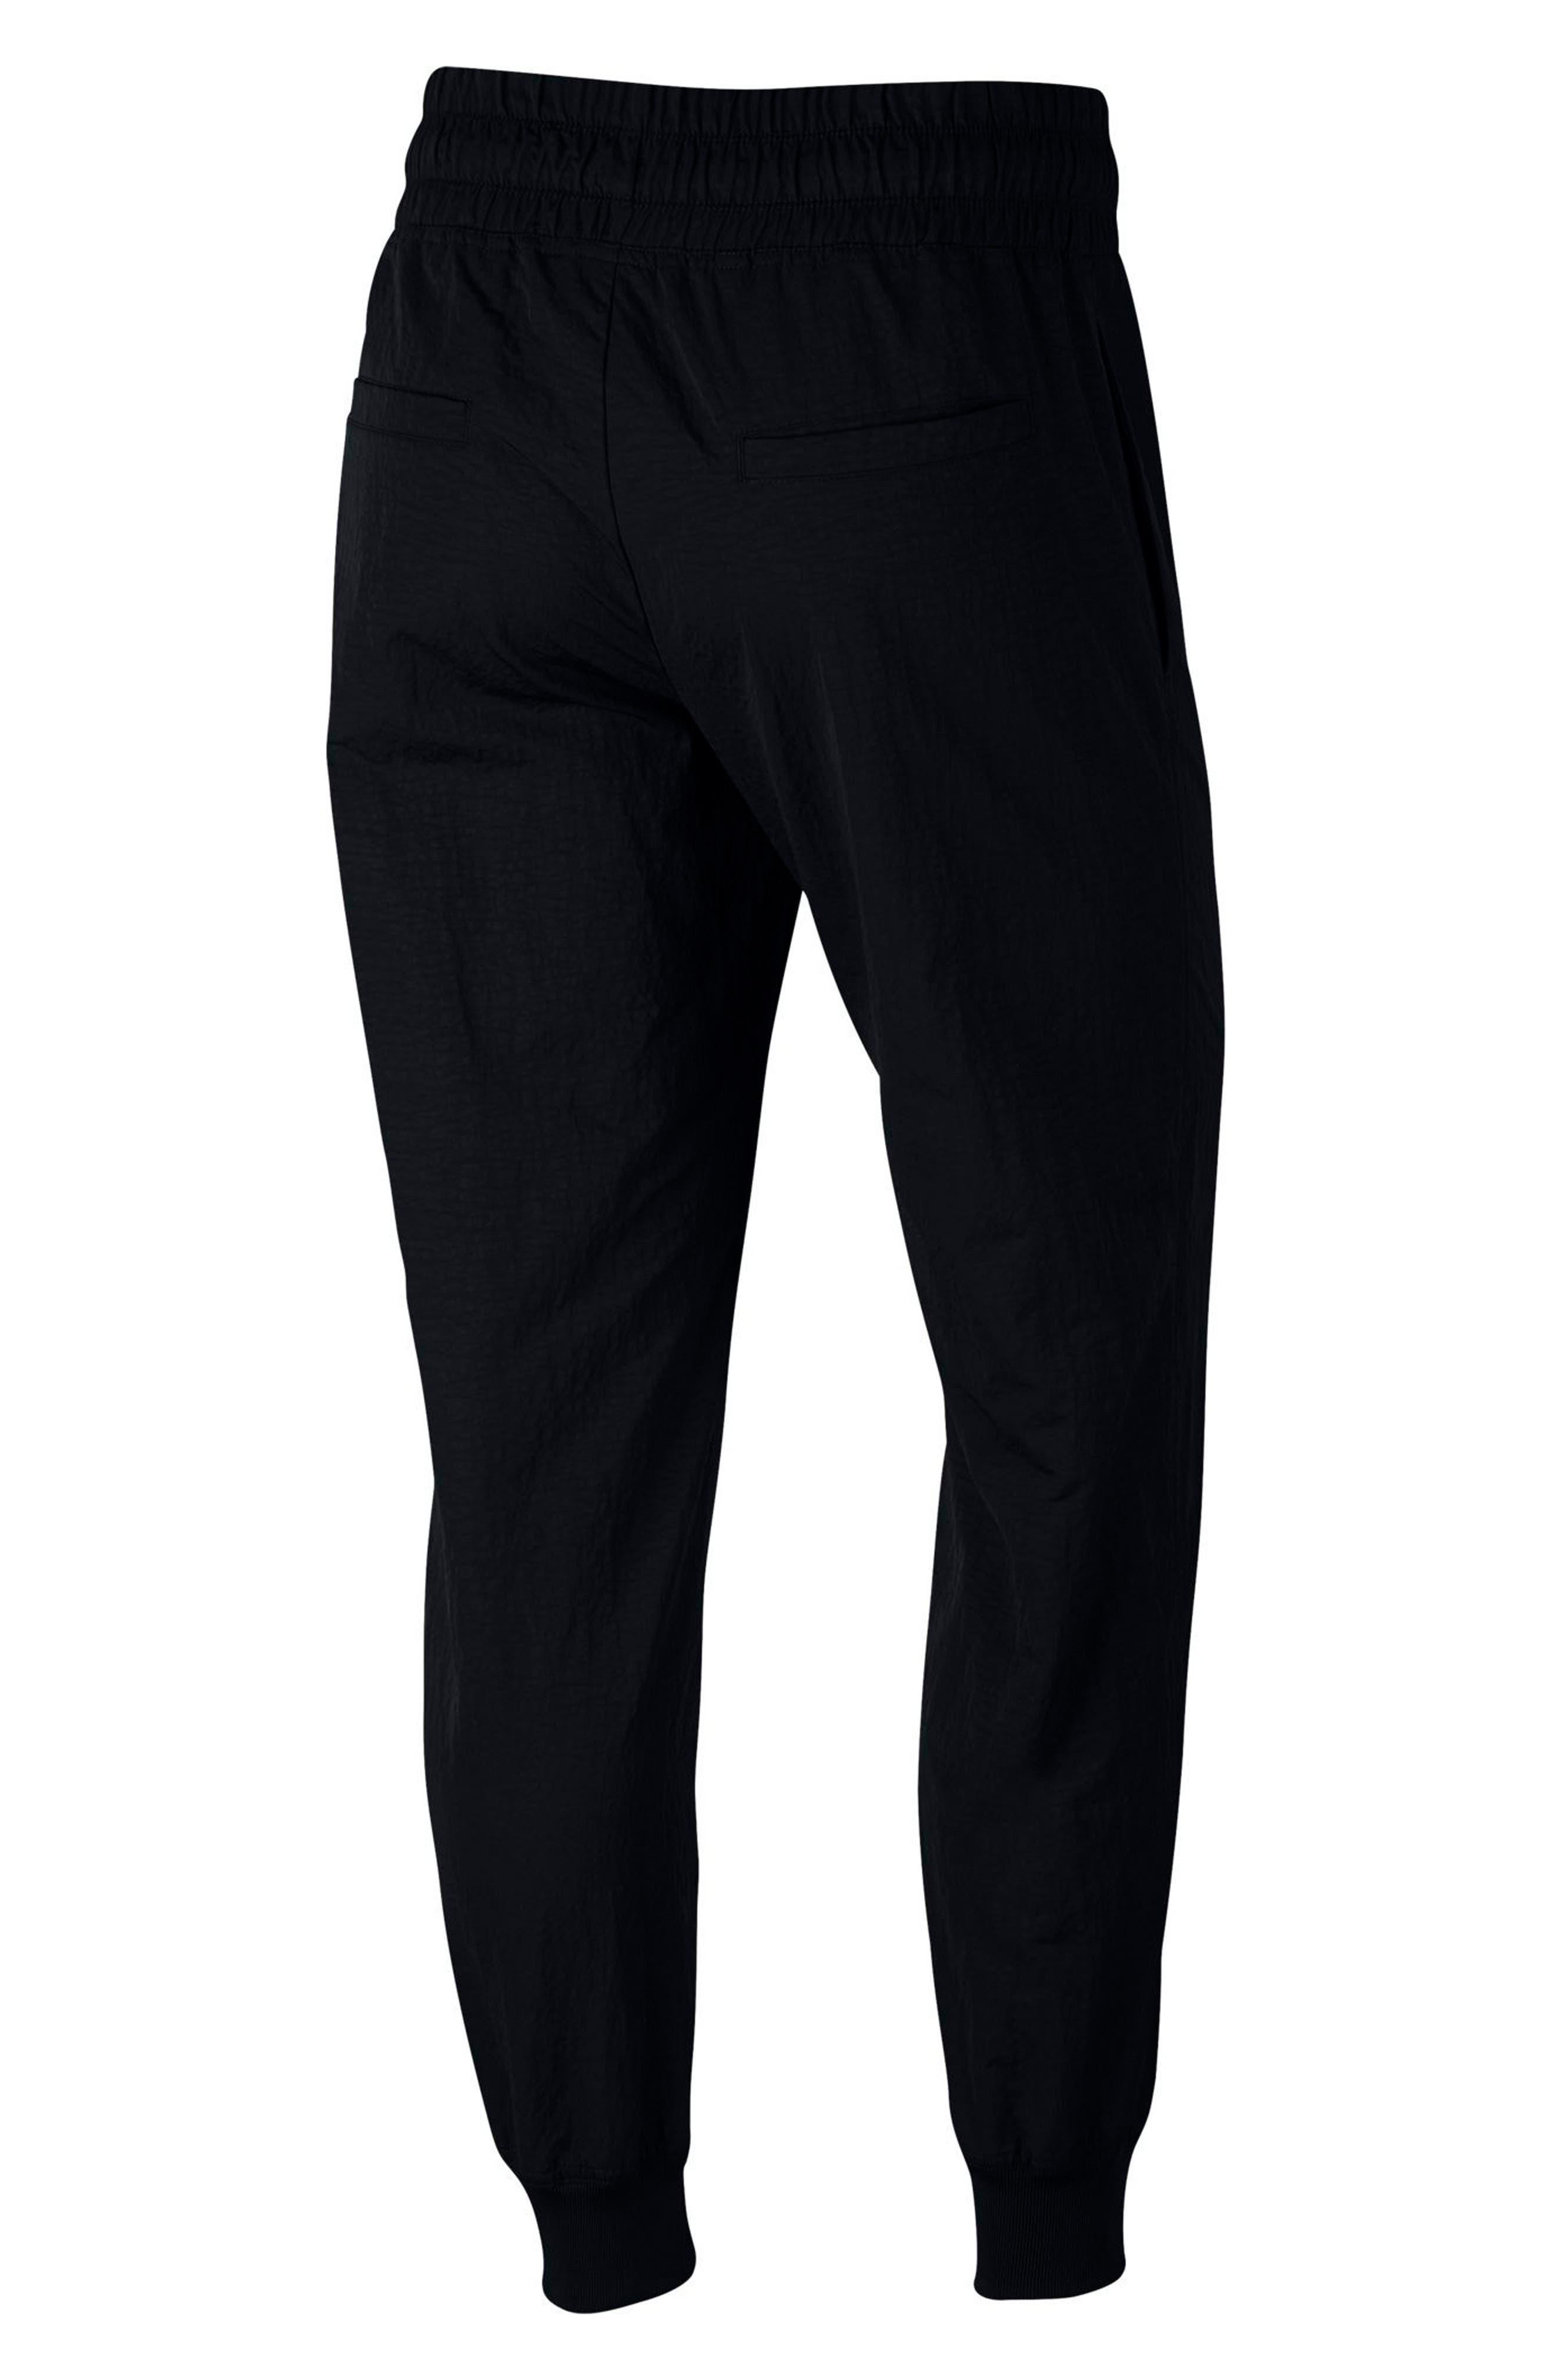 Air Drawstring Sweatpants,                         Main,                         color, Black